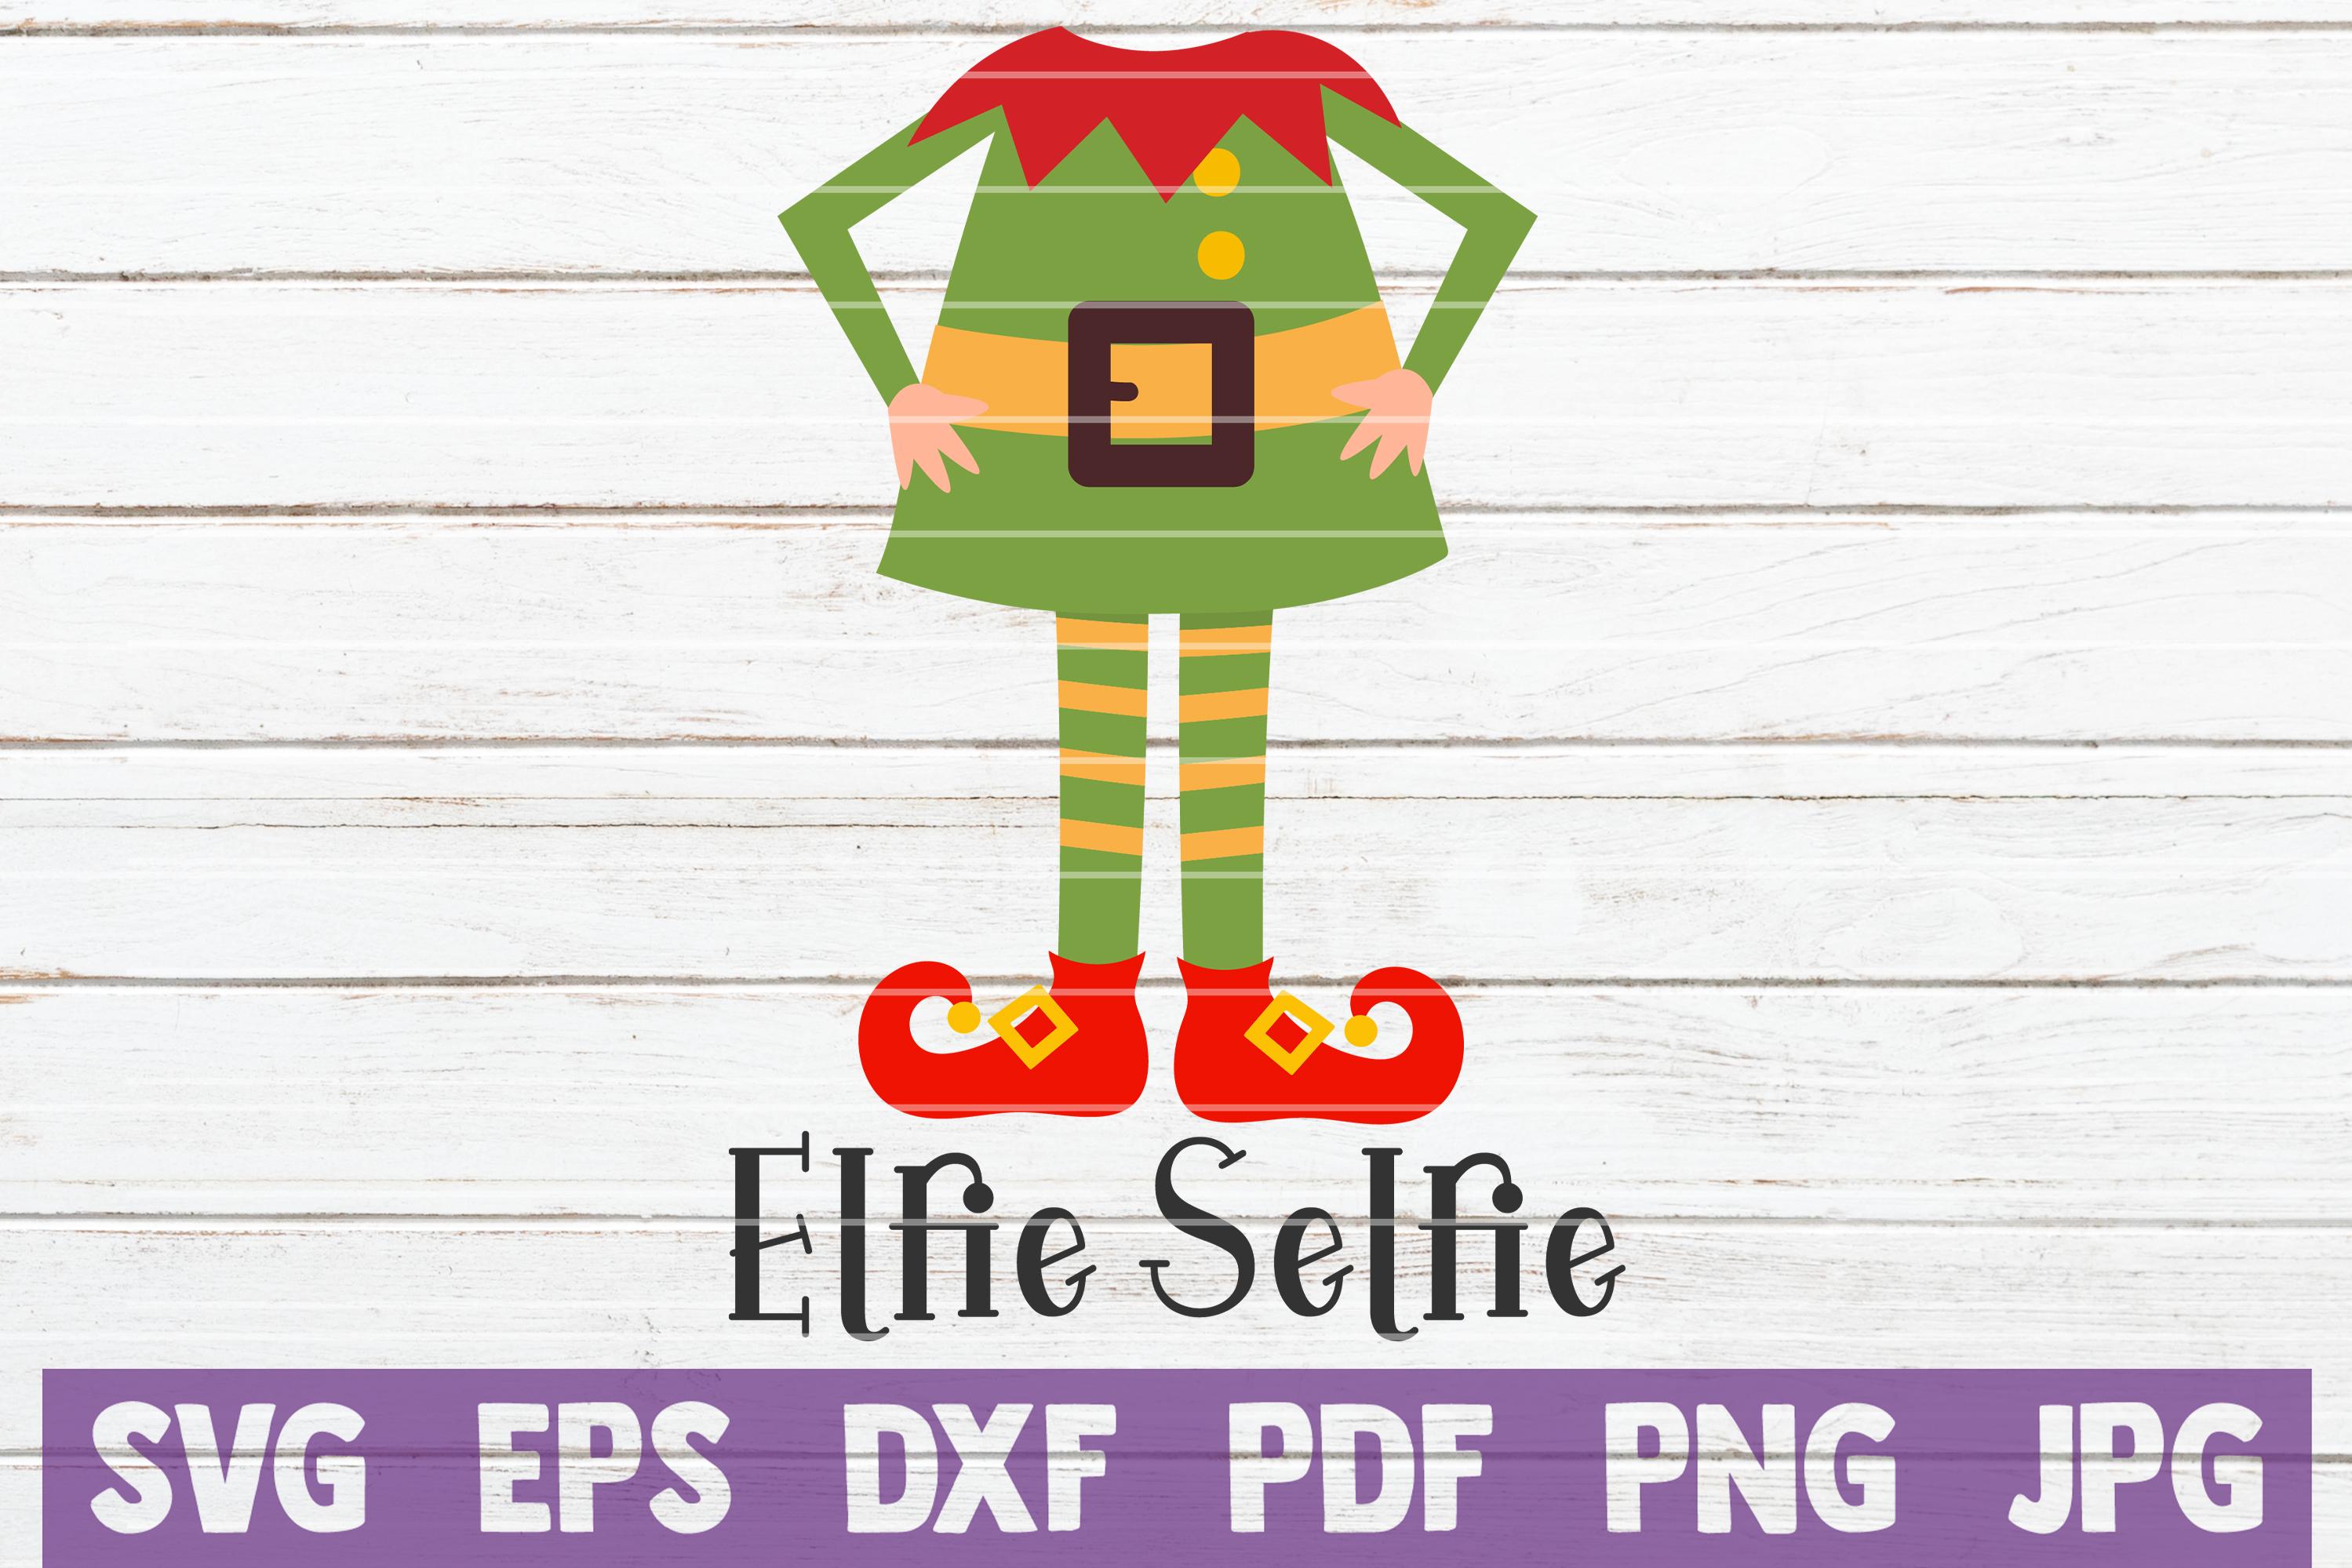 Elfie Selfie SVG Cut File example image 1